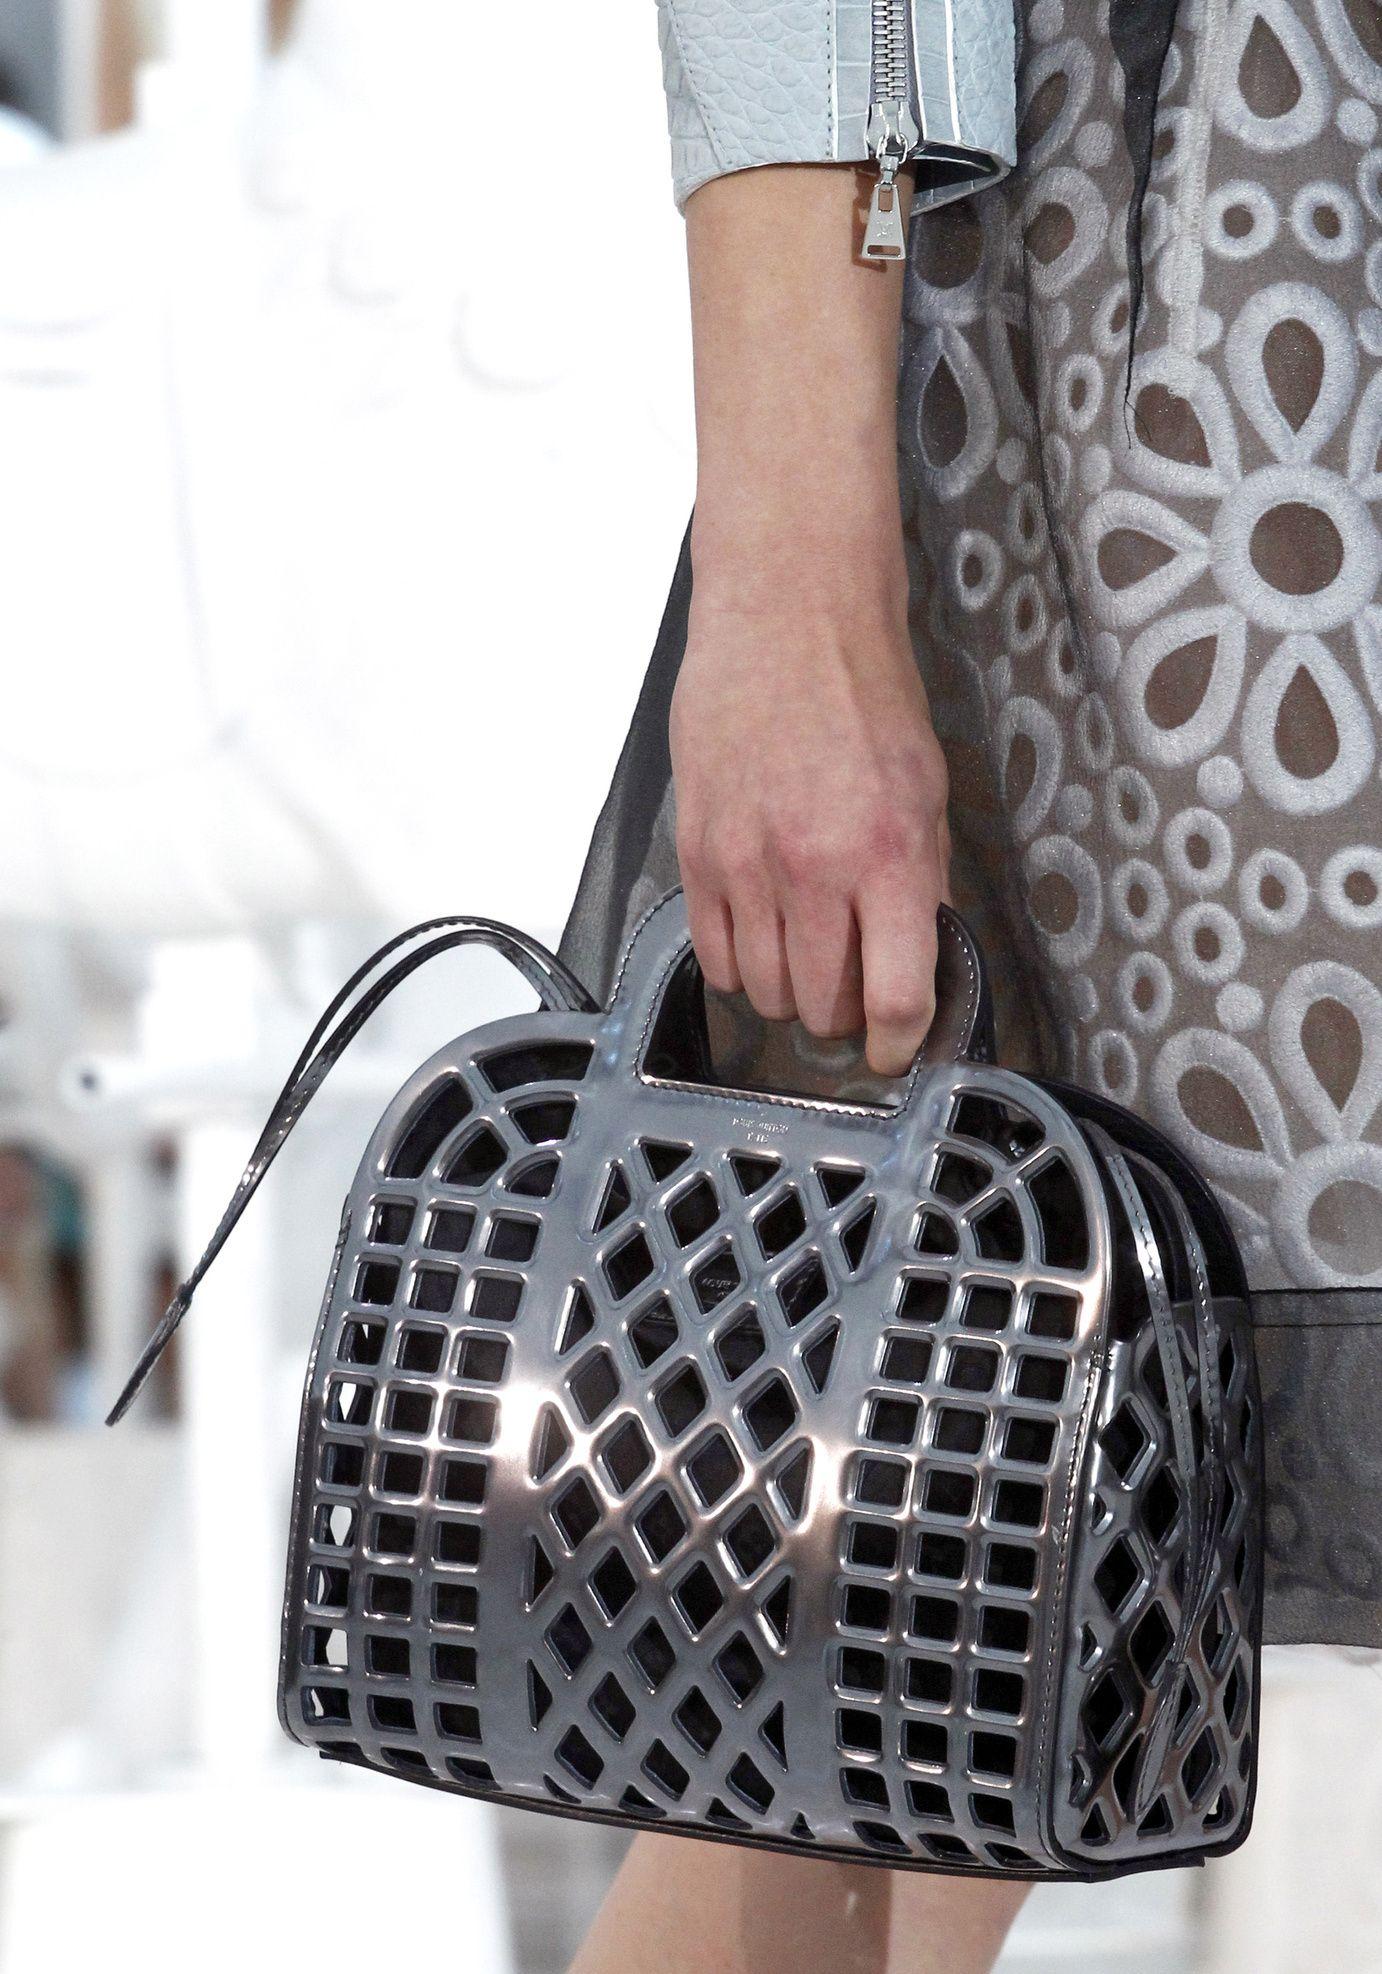 Défilé Louis Vuitton Printemps-été 2012 60   MIST   Louis vuitton ... 5da323c250e